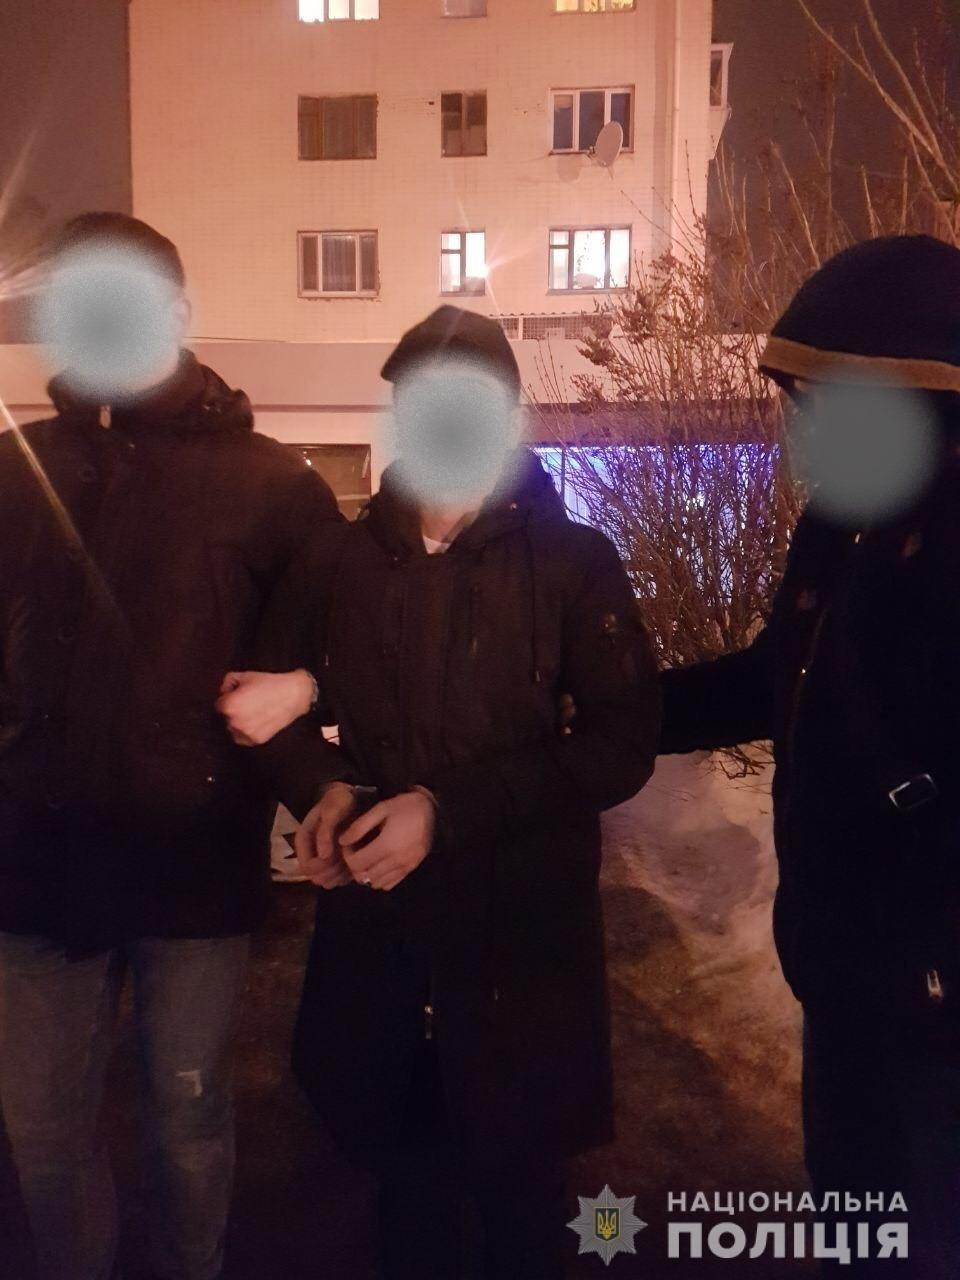 В Харькове задержали иностранца, предлагавшего пограничнику взятку в аэропорту, - ФОТО, фото-1